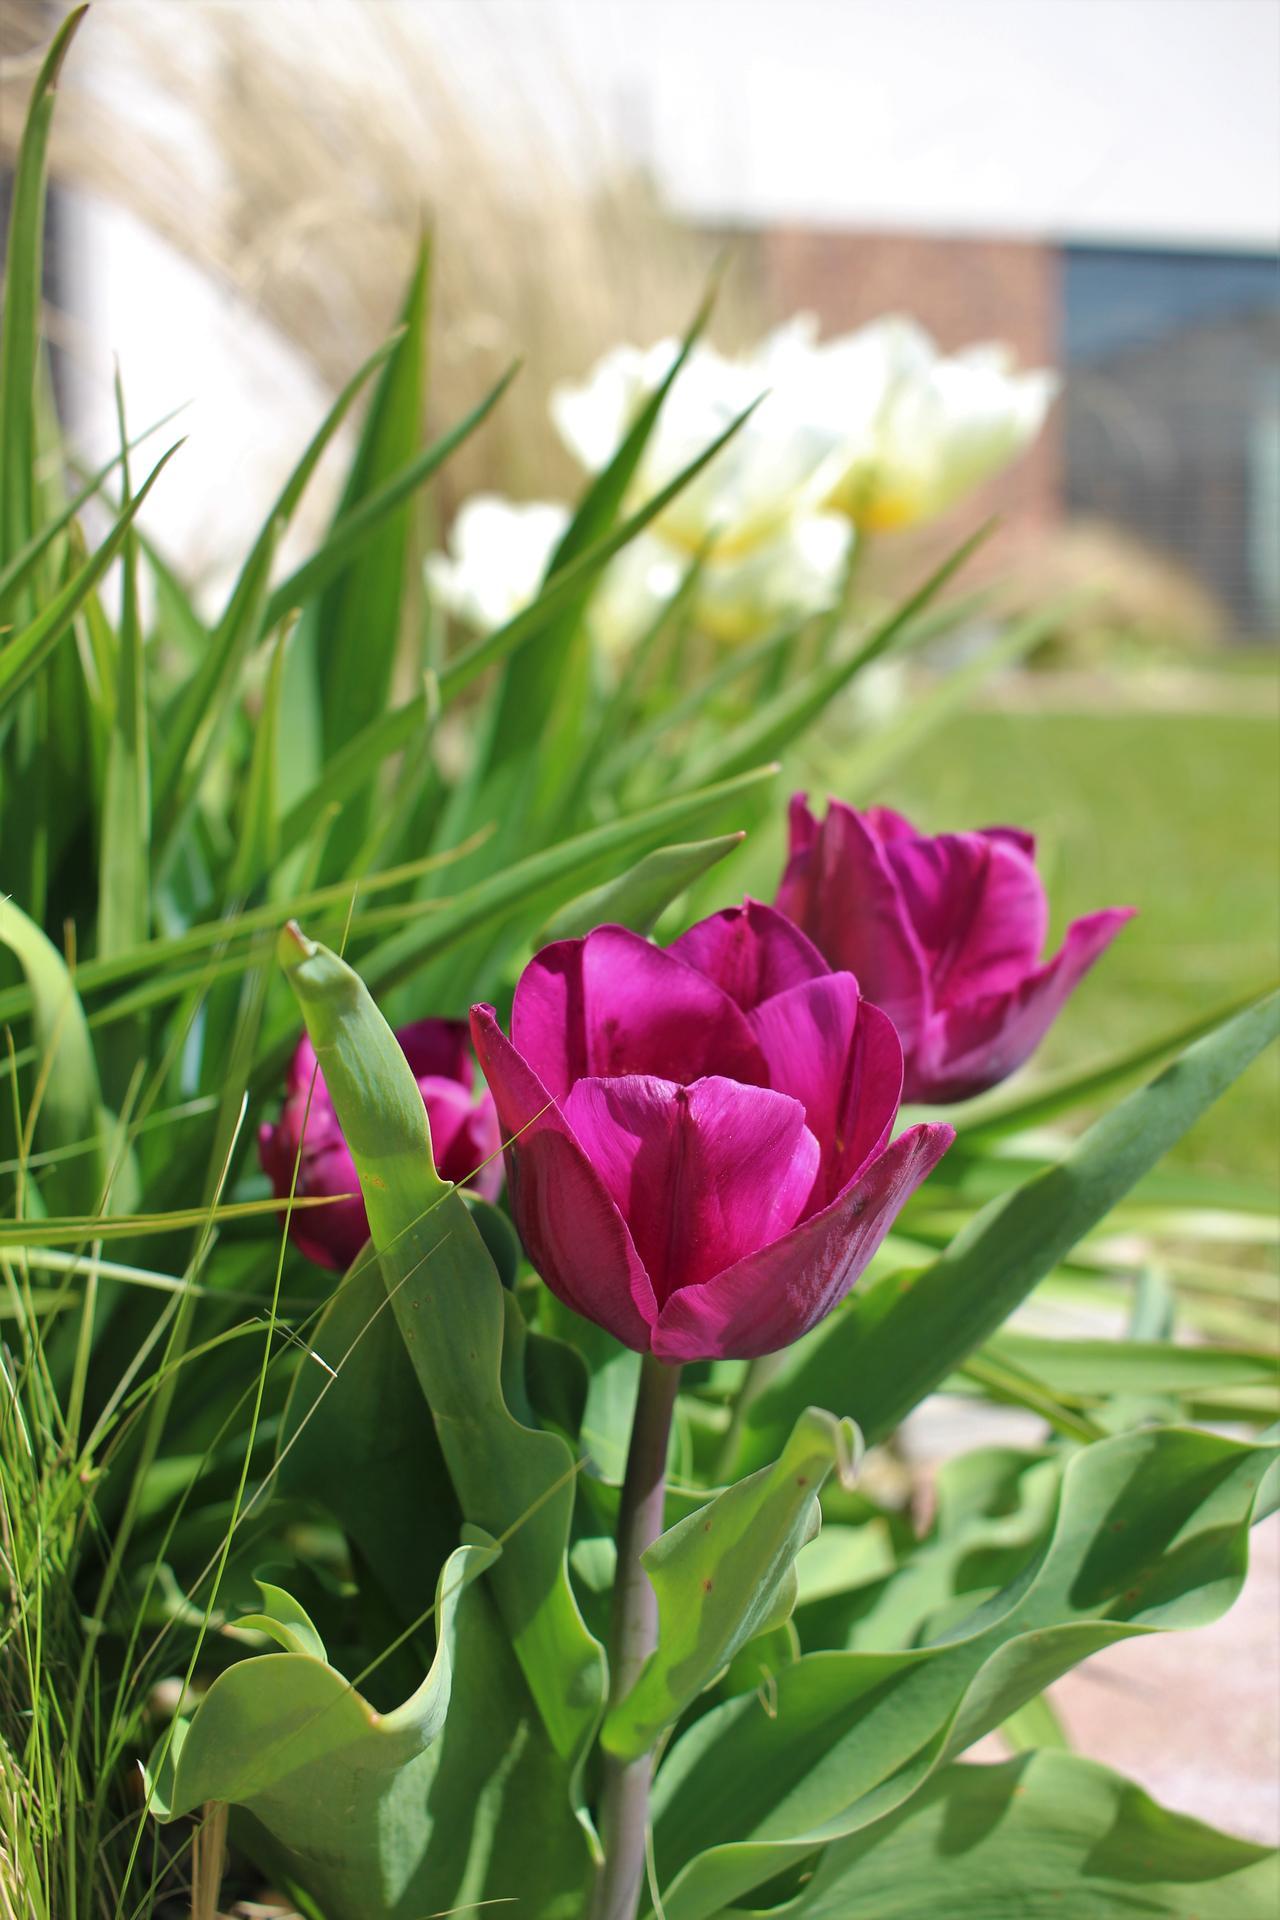 Exteriér - záhrada - Konečne vykukli aj fialové, prežili.